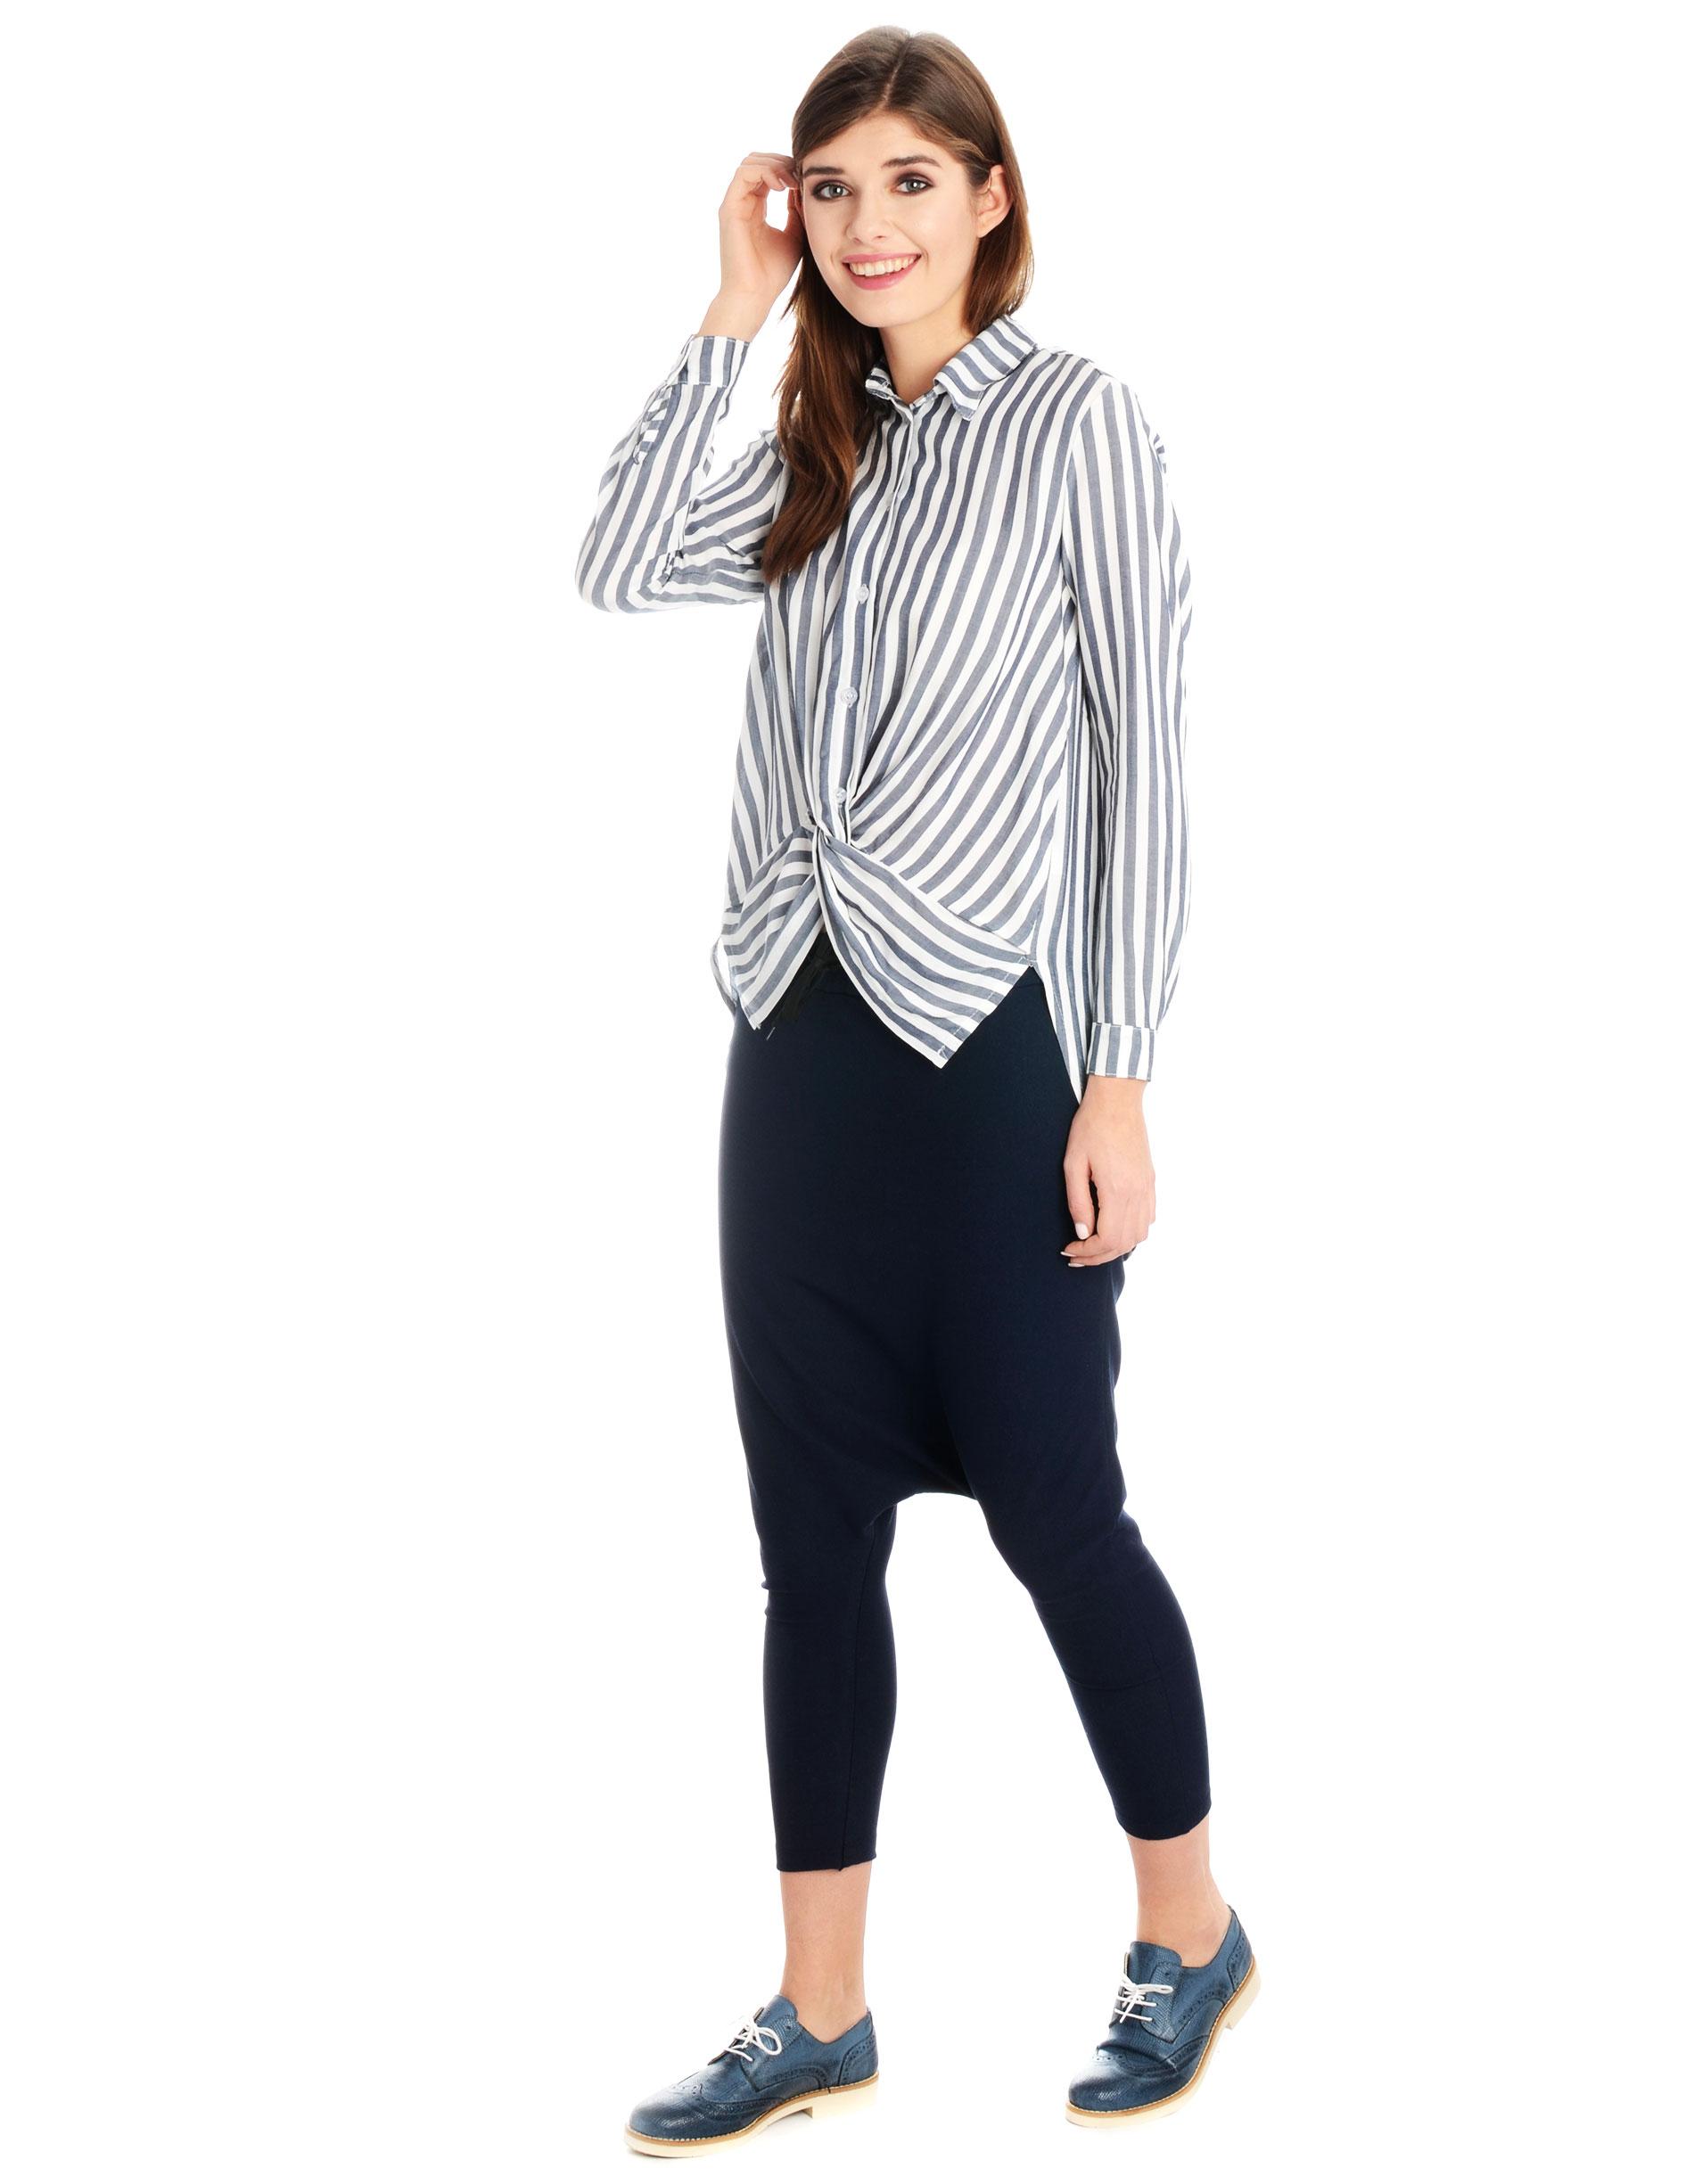 Spodnie - 118-200 BL SC - Unisono